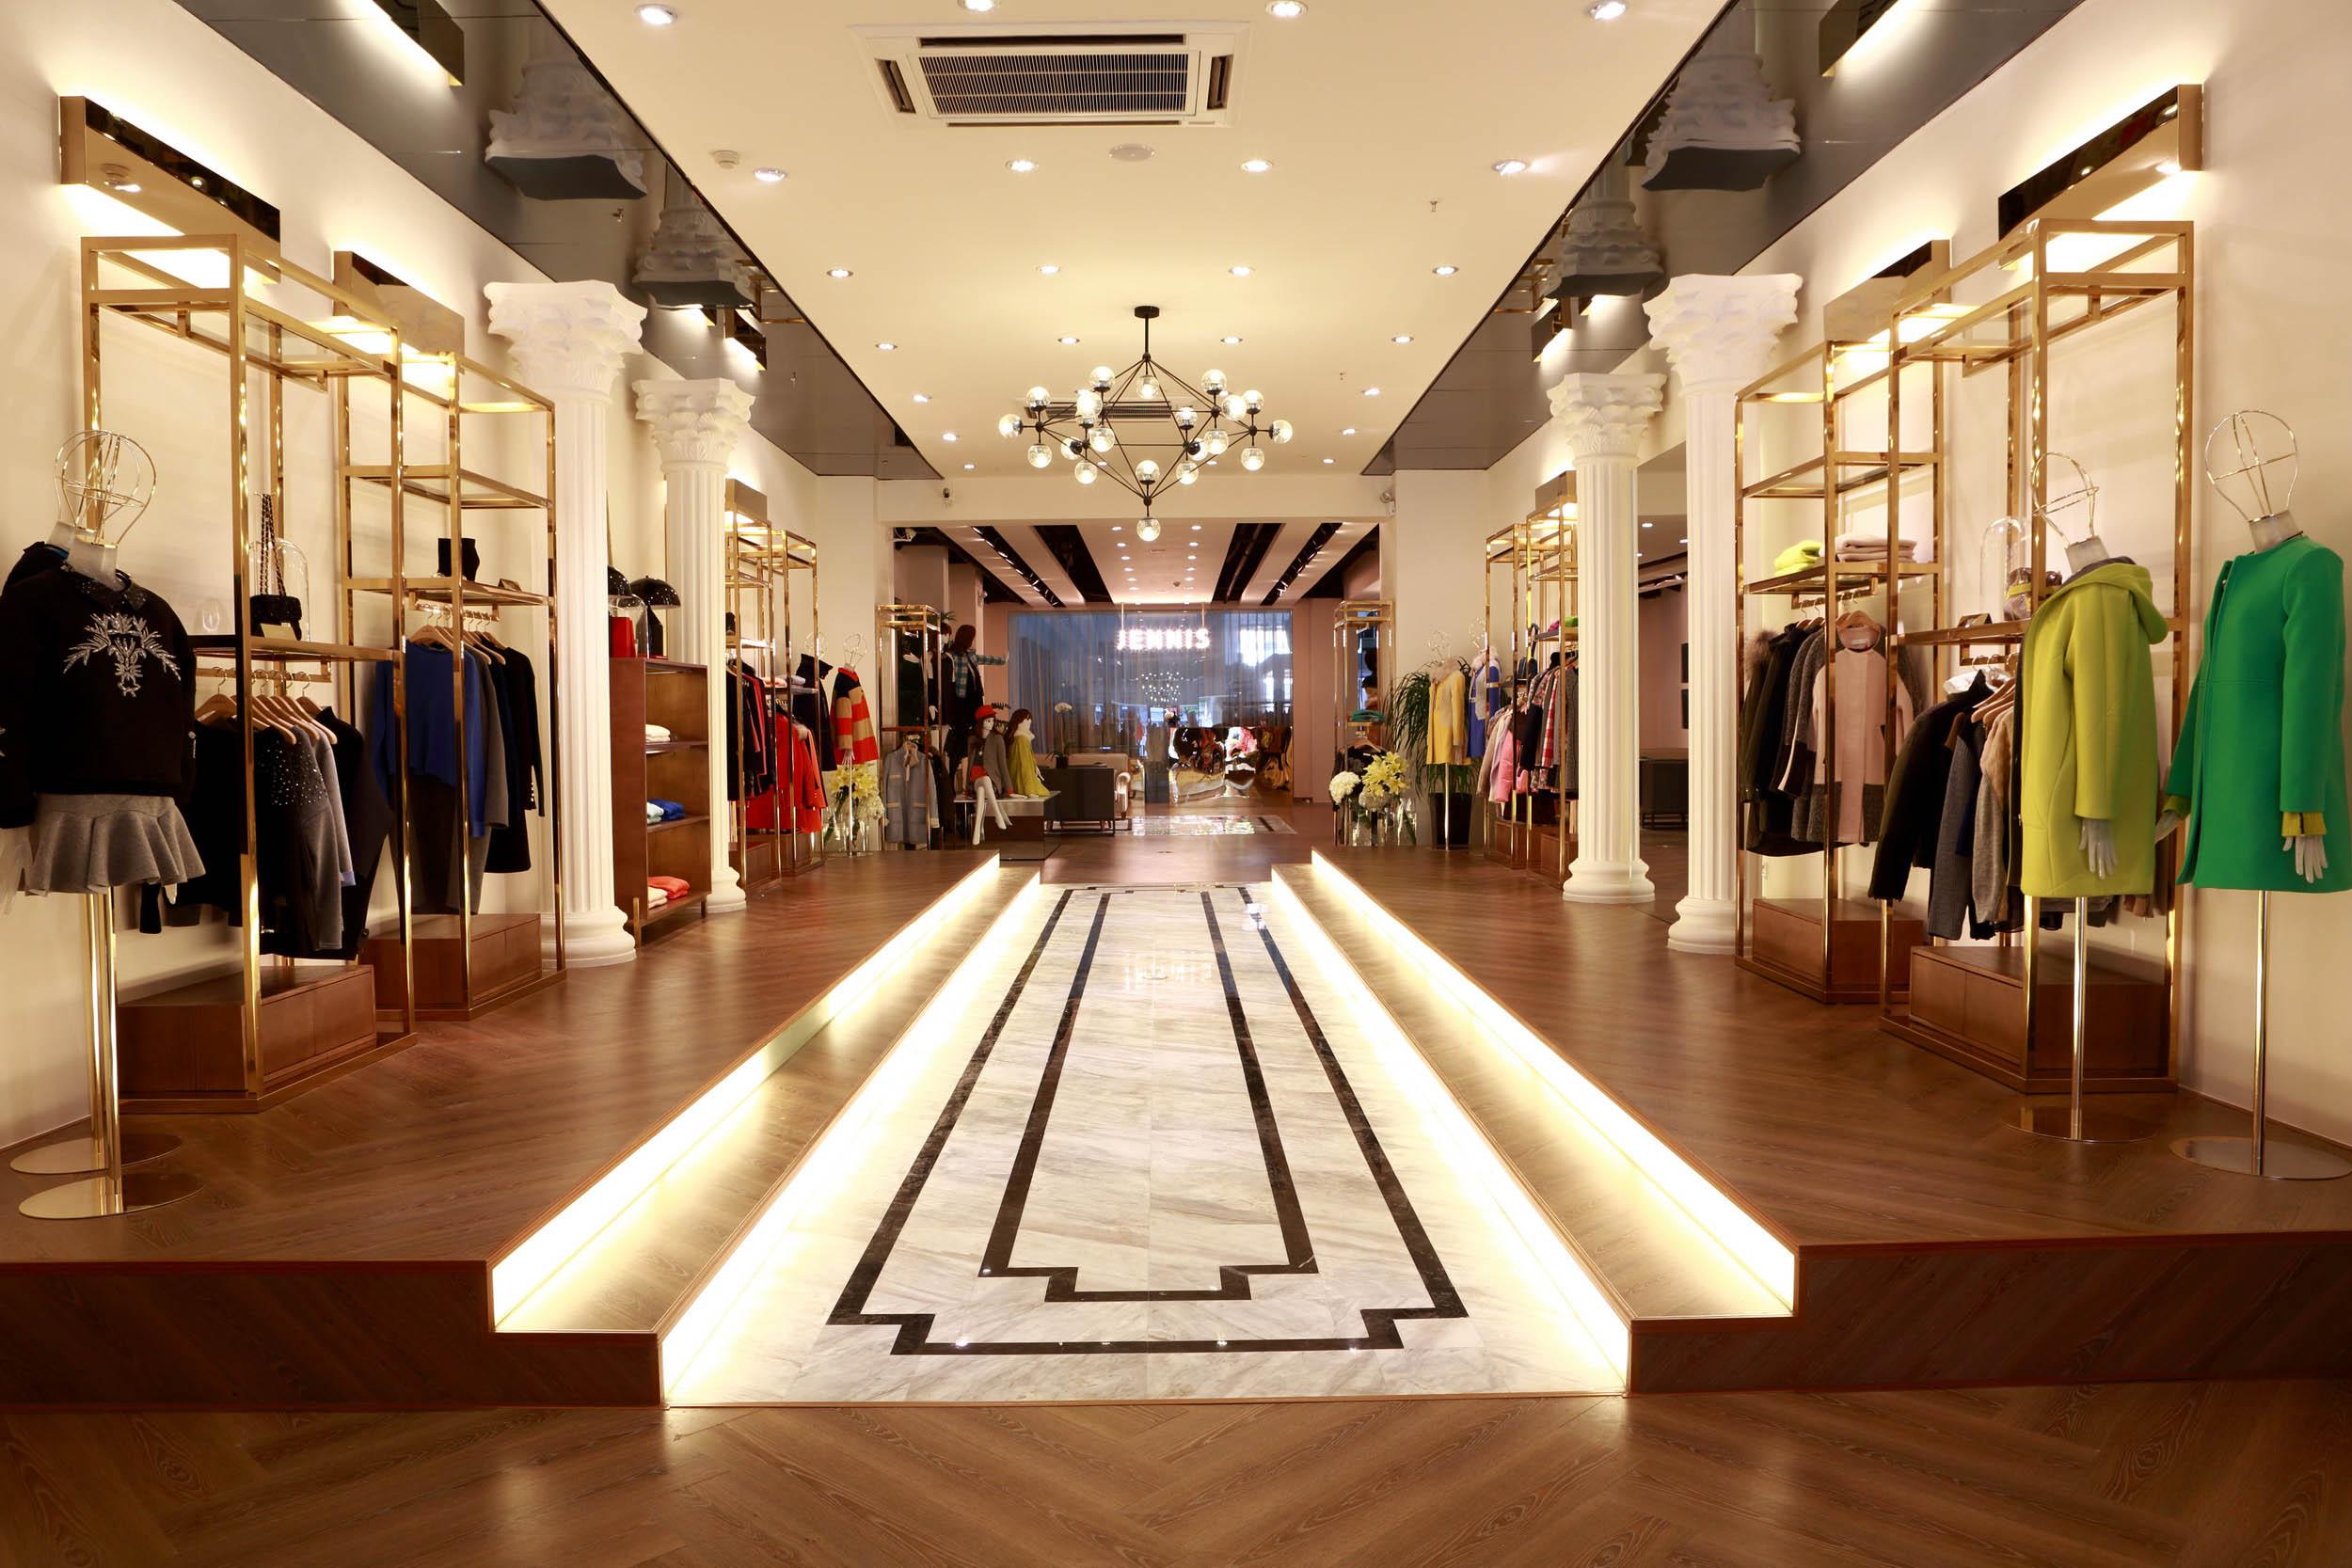 广州本土有哪些女装品牌 艾格伊品给你一一介绍广州女装哪个更出名